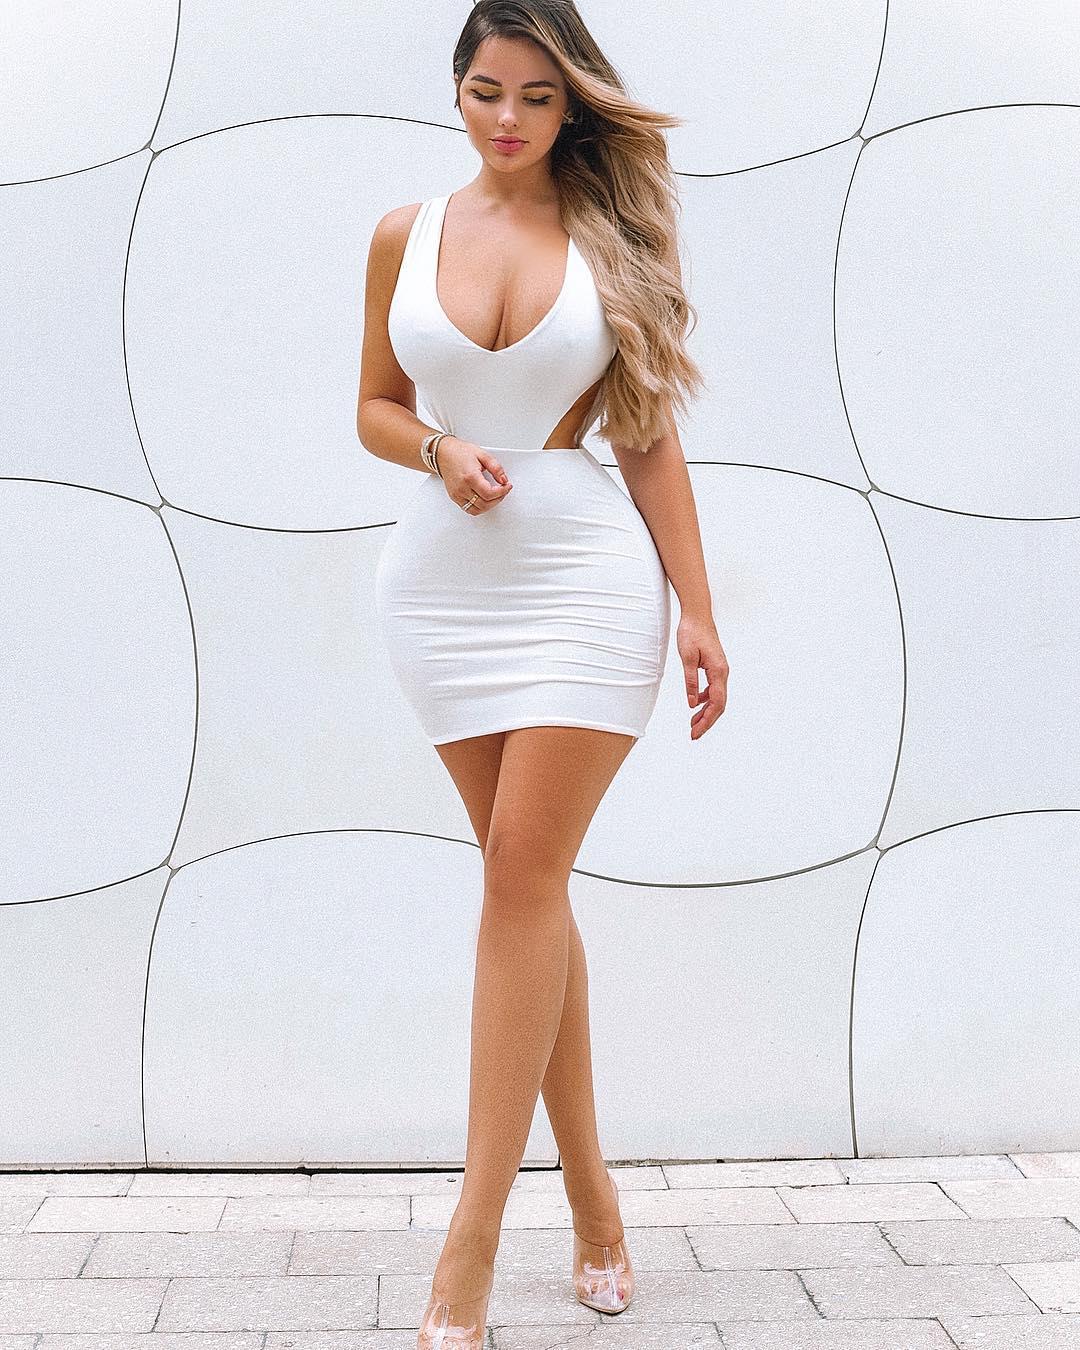 Anastasiya_kvitko085.jpg